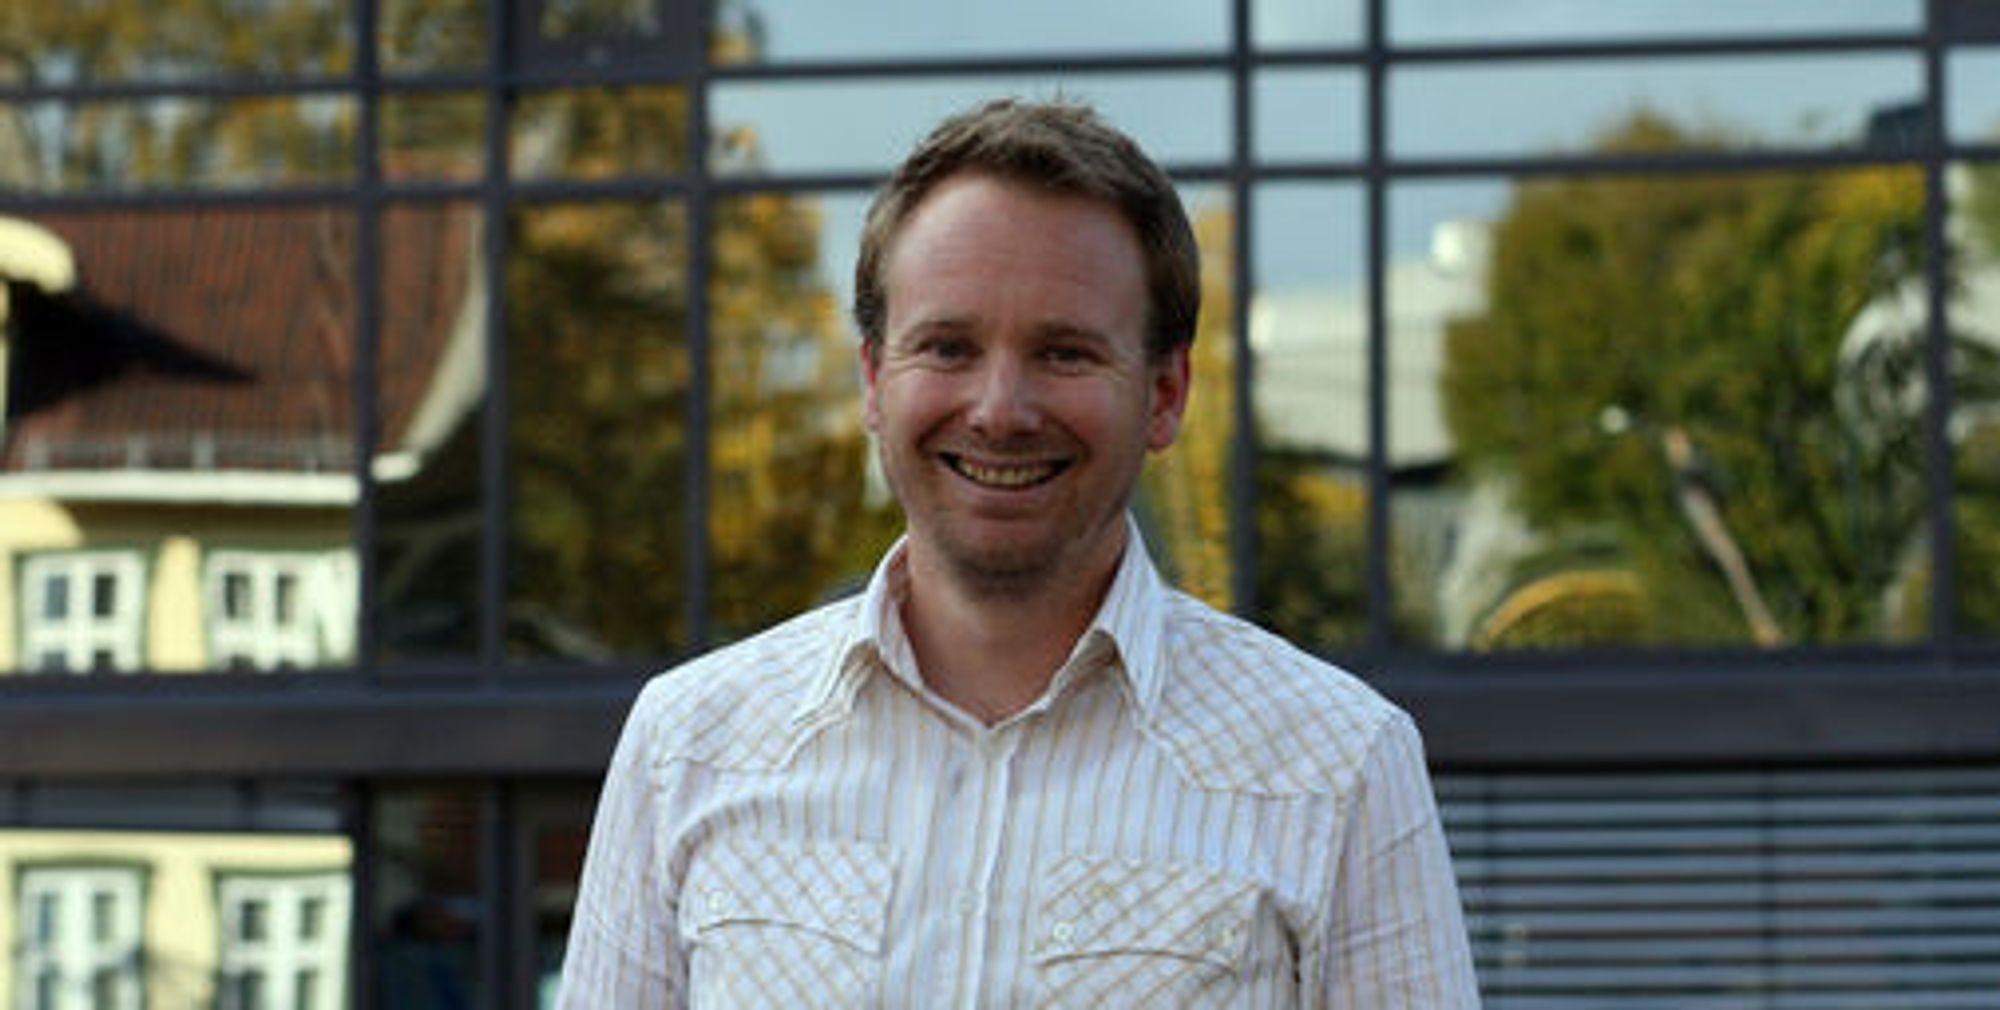 Espen Weum leder Netcoms mobildataprogram, og er kanskje Telenors beste kunde.